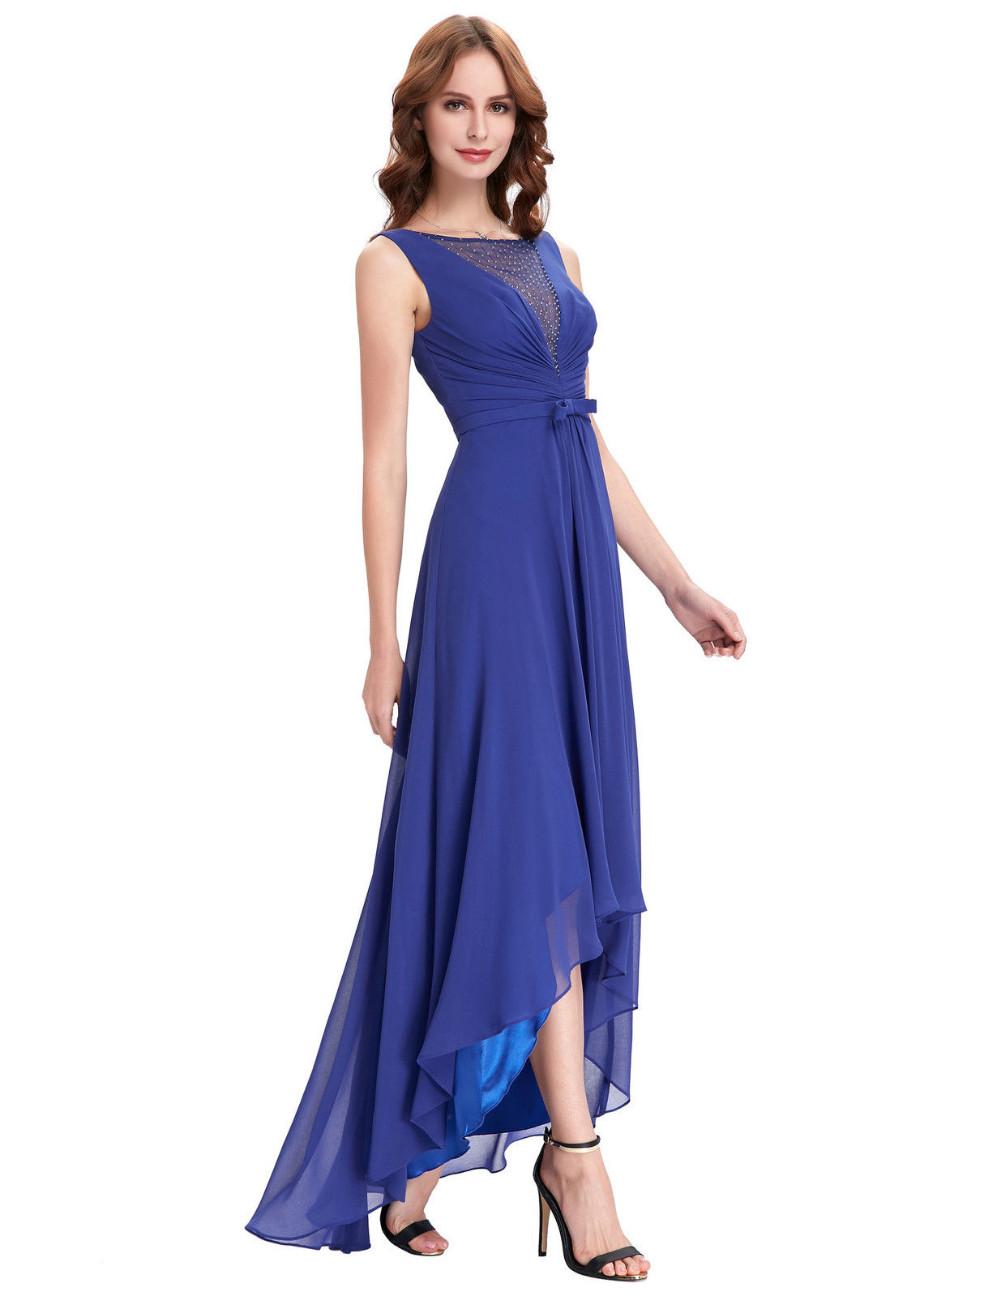 High Low Royal Blue Chiffon Short Front Long Back Bridesmaid Dress 4